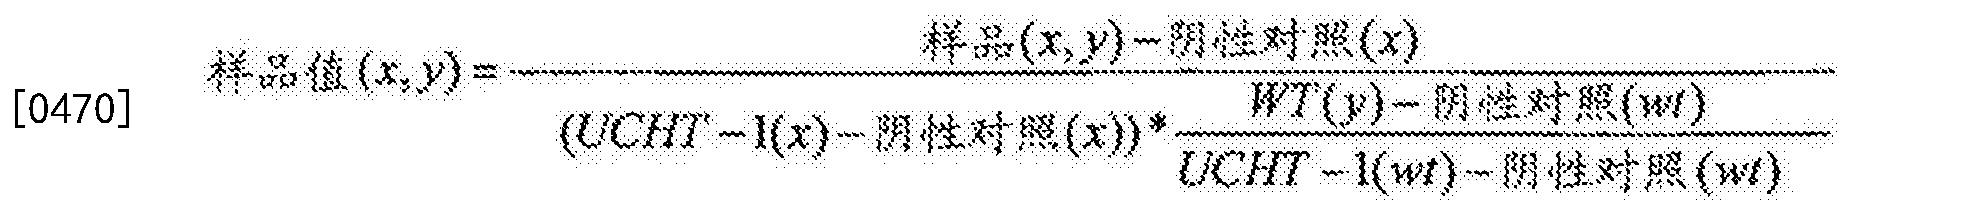 Figure CN103694350BD00591